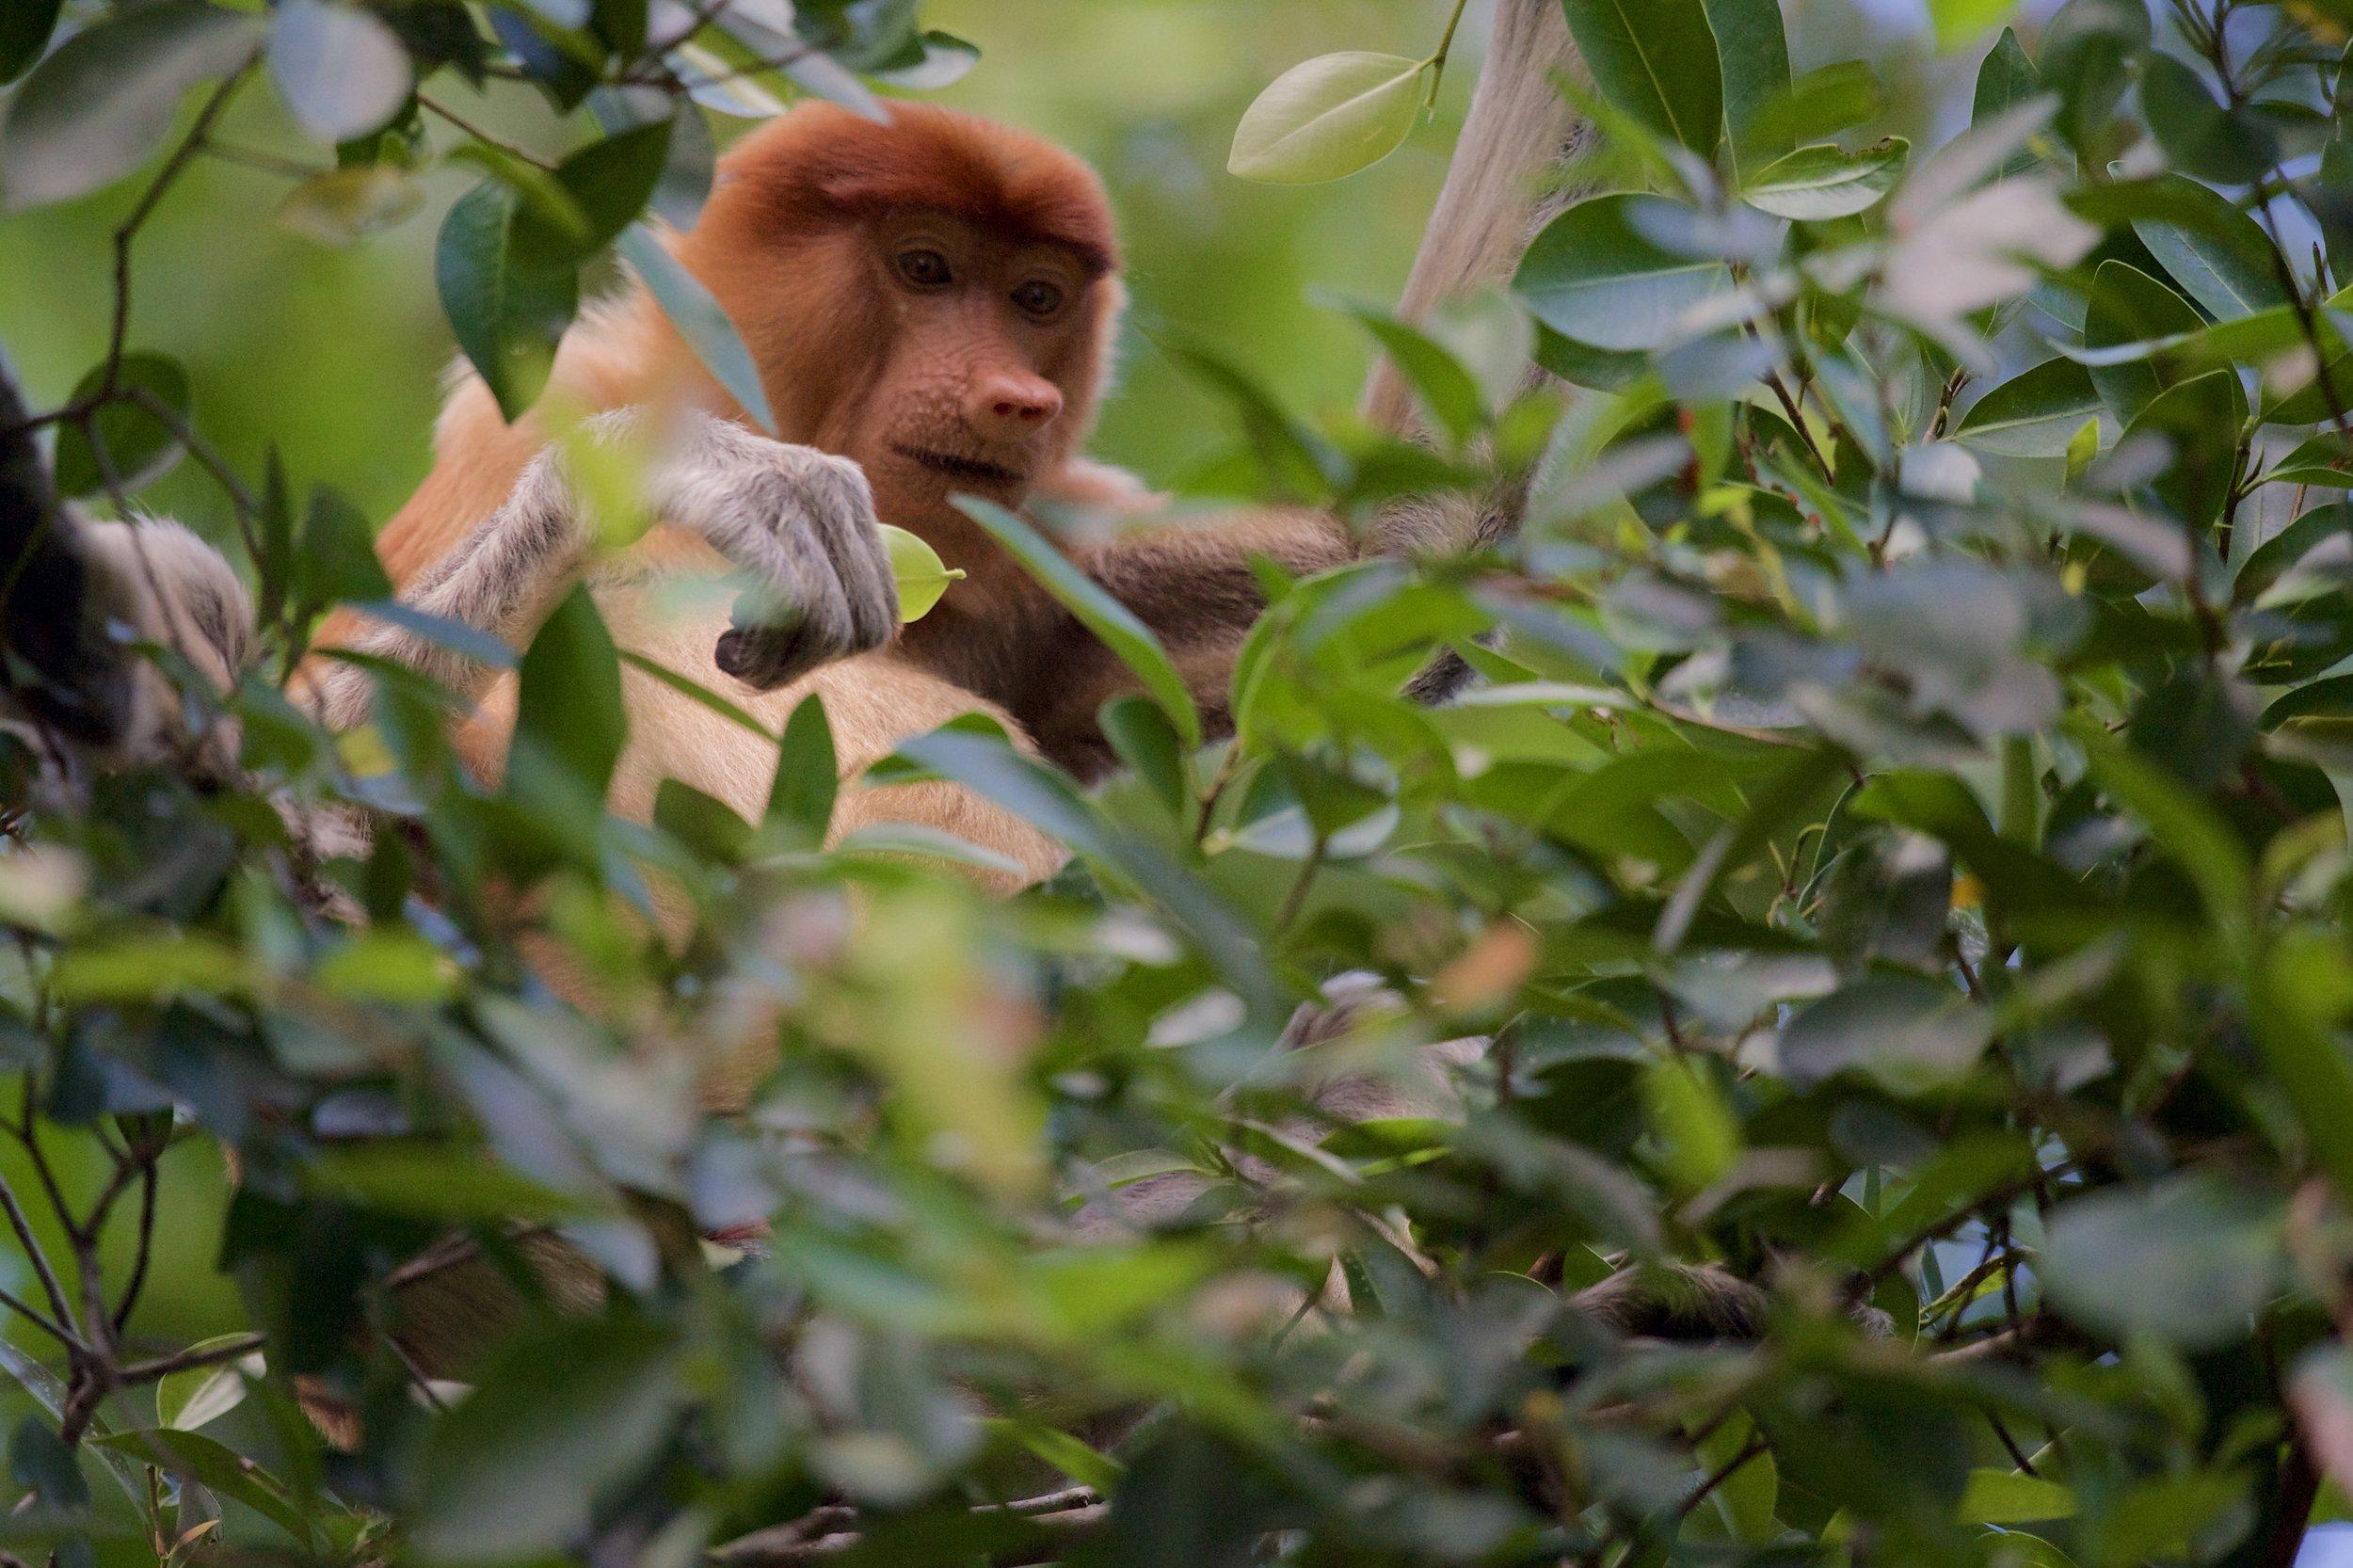 A proboscis monkey. Taken with the Nikon Df + 600mm f/4 VRII